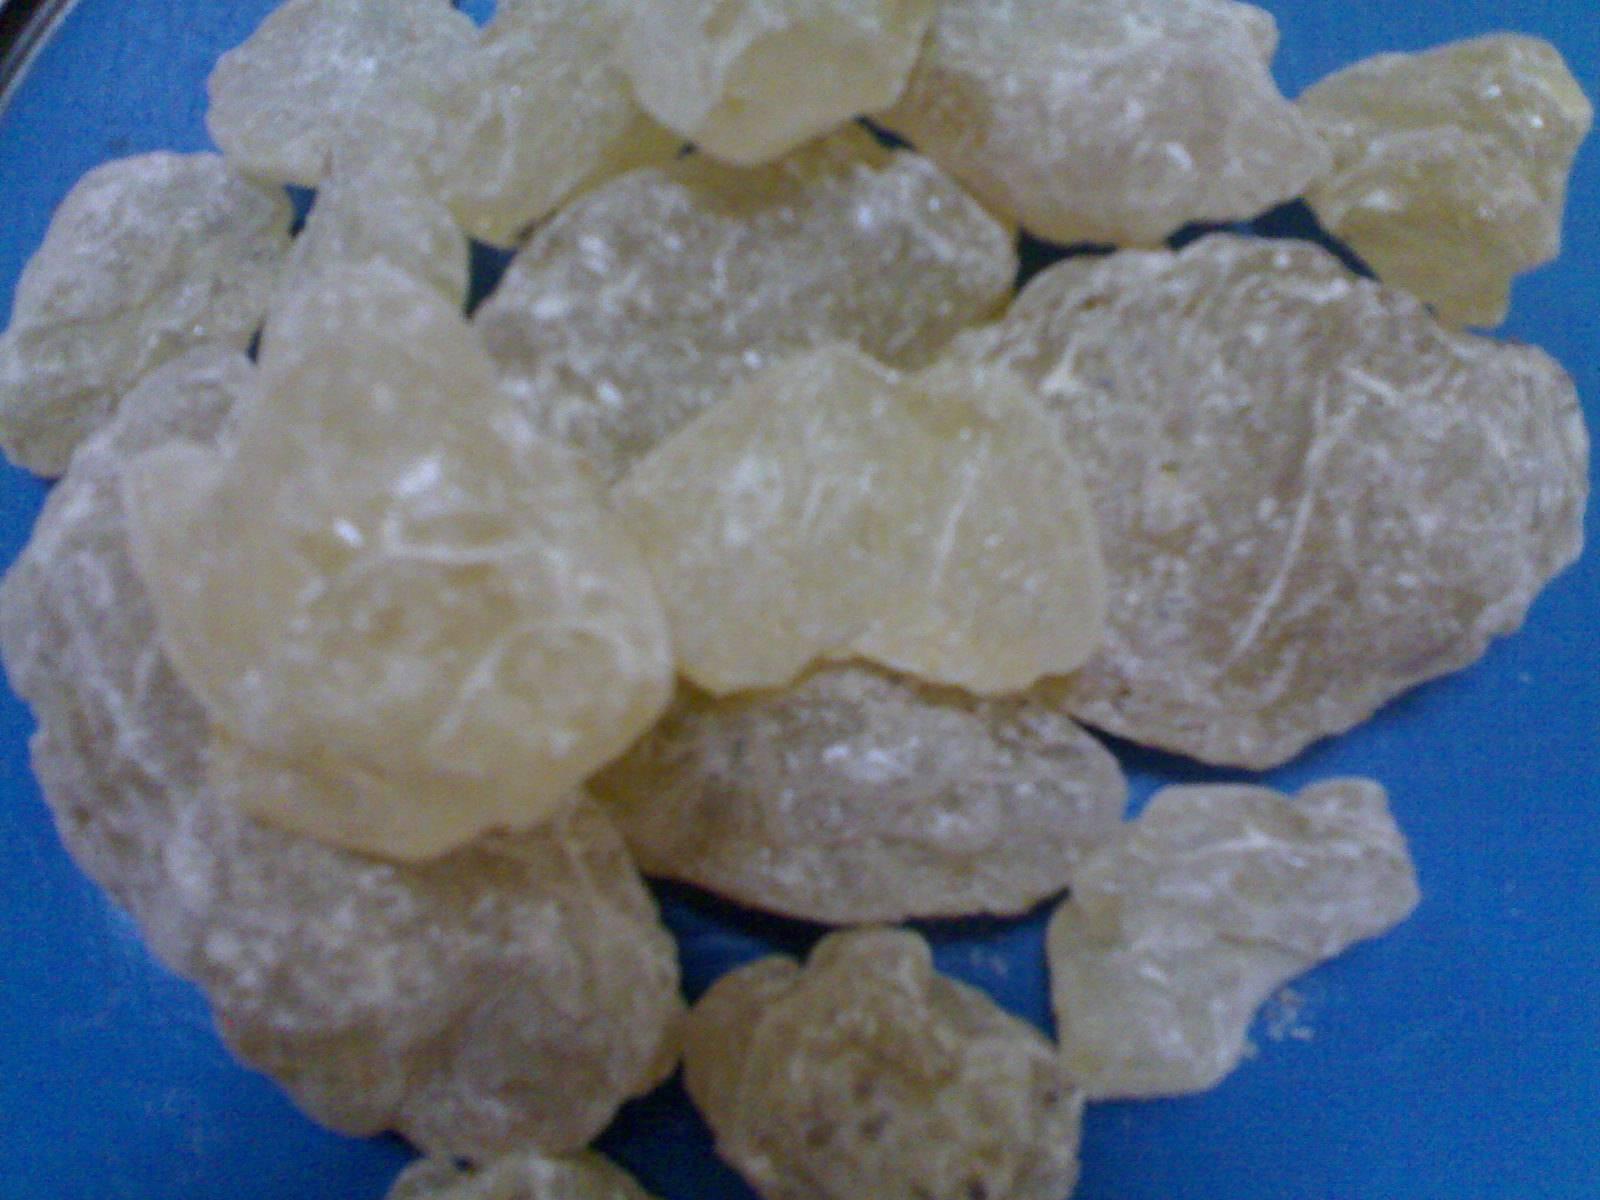 Gum Damar (Damar Resins) A Grade